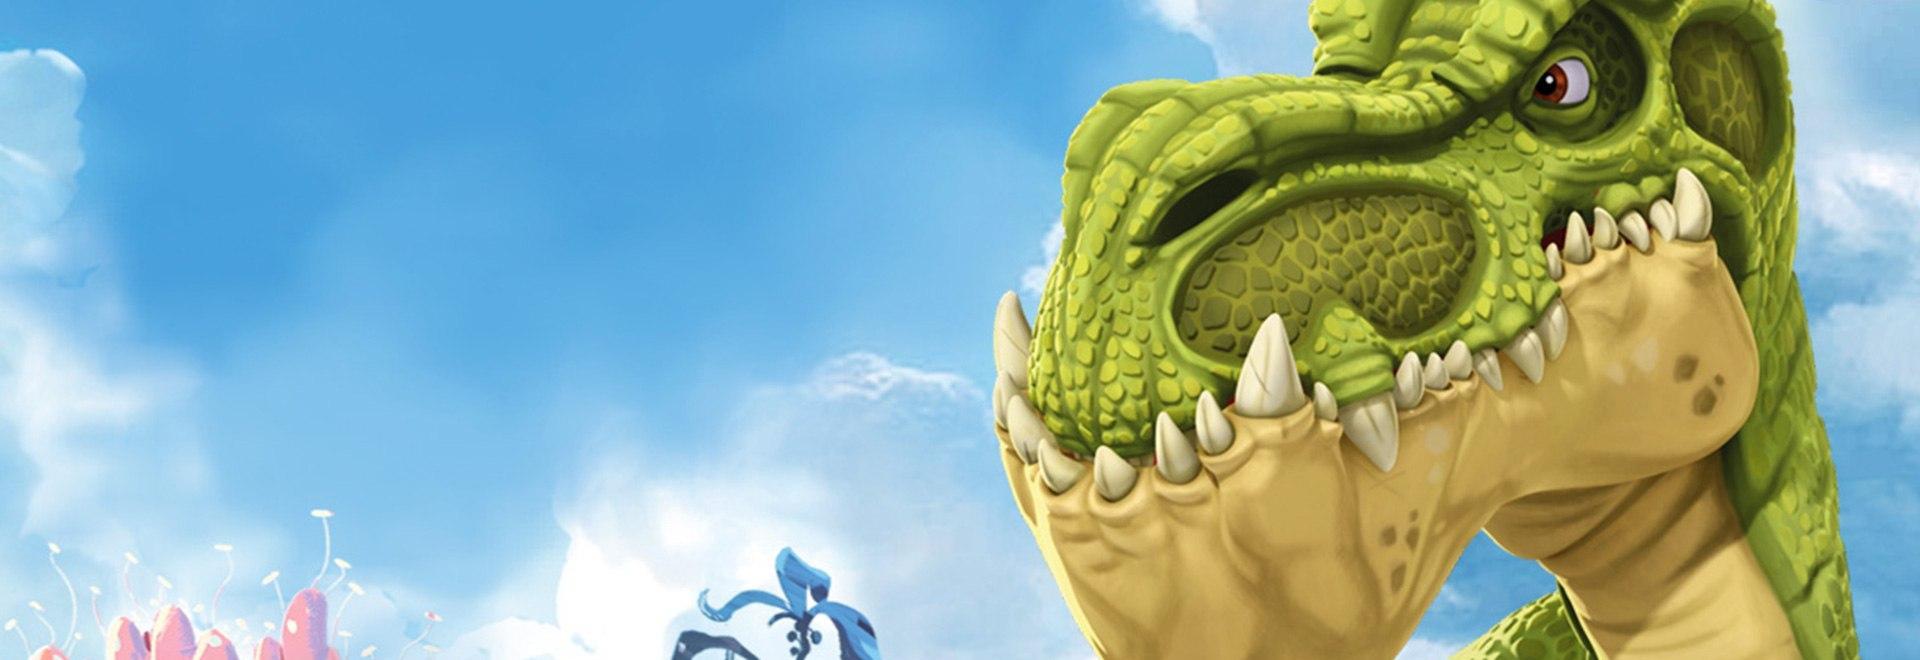 Salviamo Giganto / Dinosia